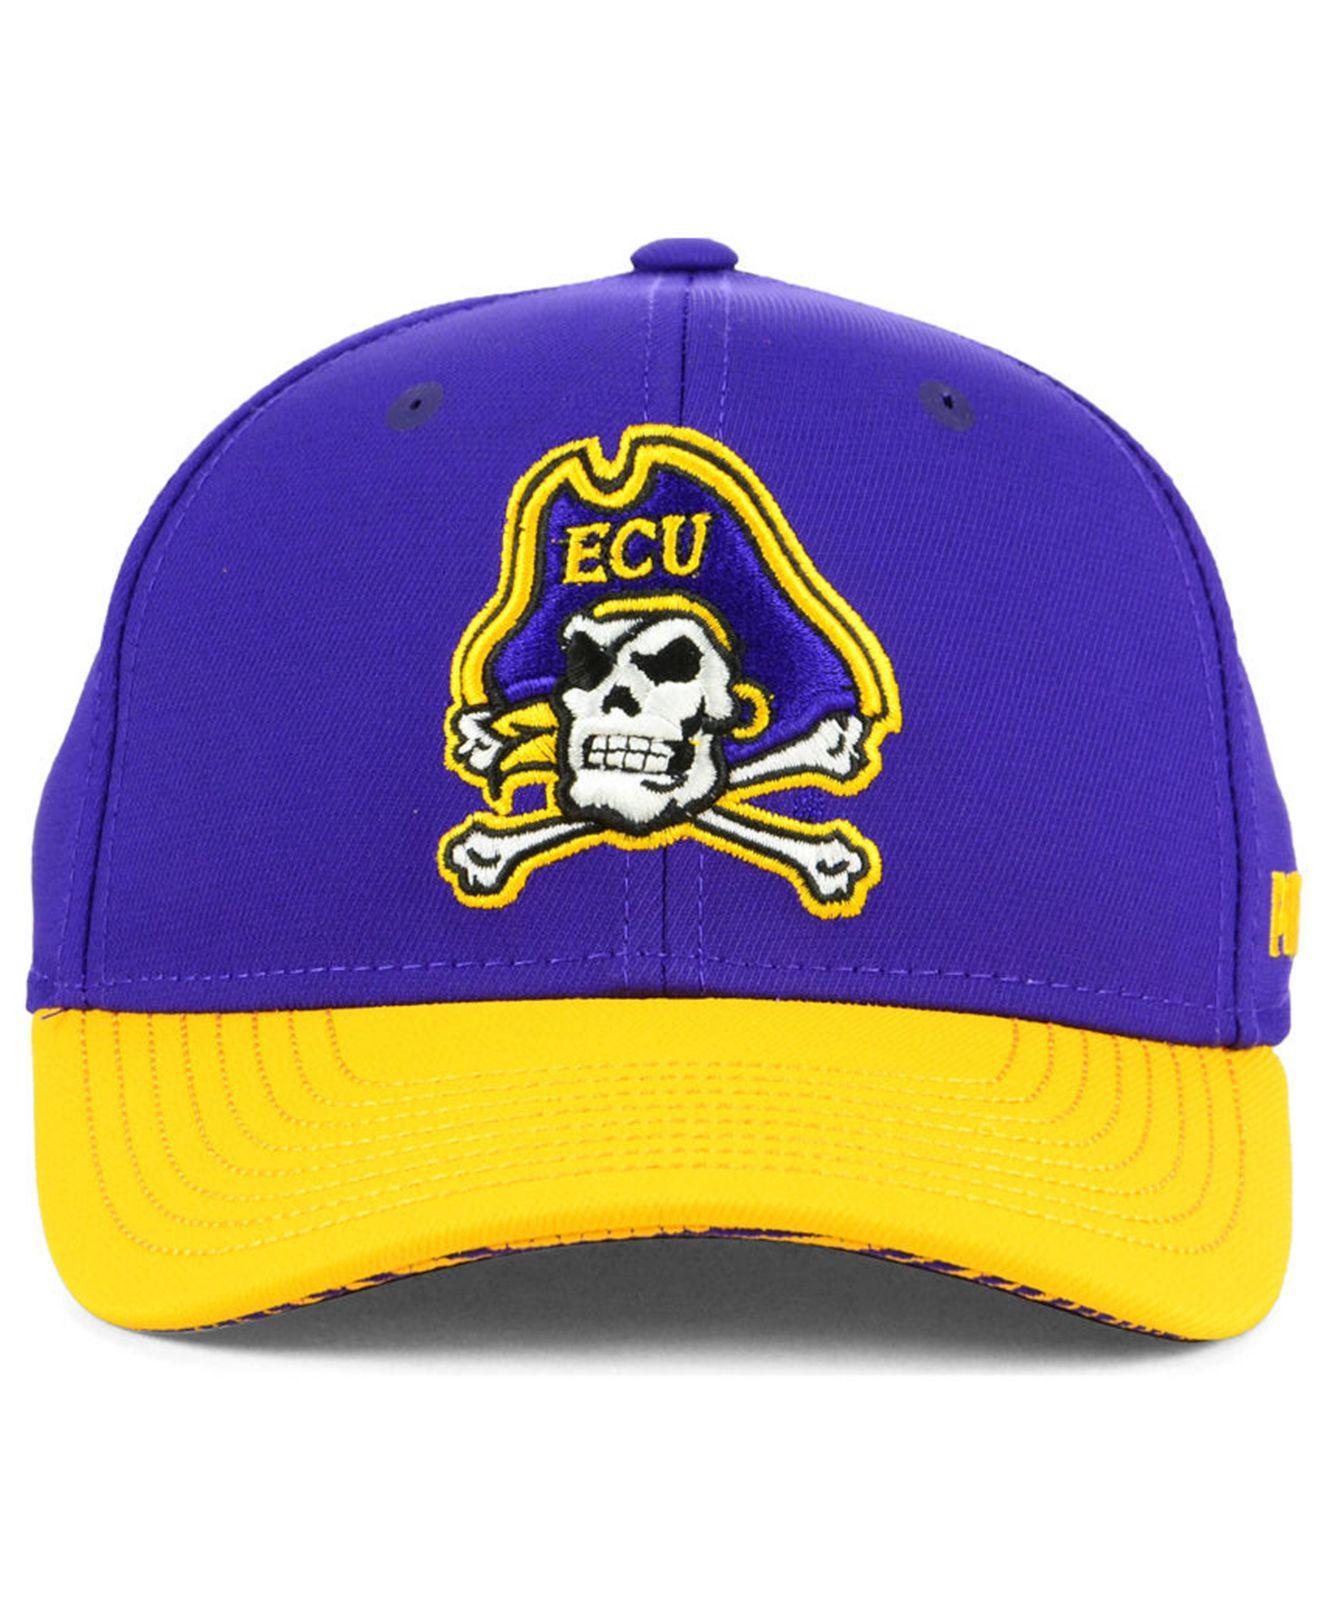 9f6696e90d9 Lyst - adidas East Carolina Pirates Coaches Flex Stretch Fitted Cap ...